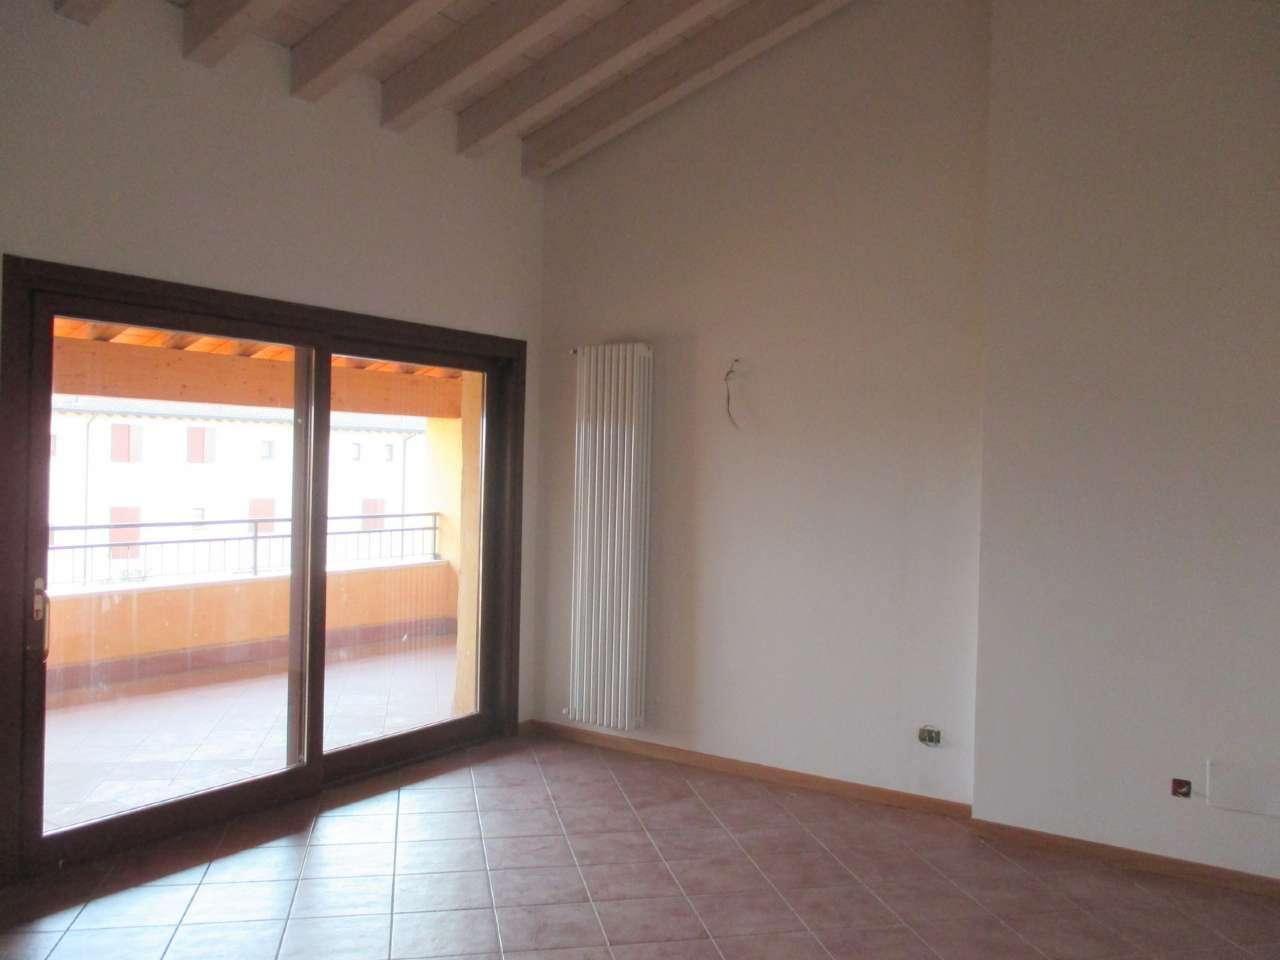 Appartamento in affitto a Bedizzole, 3 locali, prezzo € 650 | CambioCasa.it